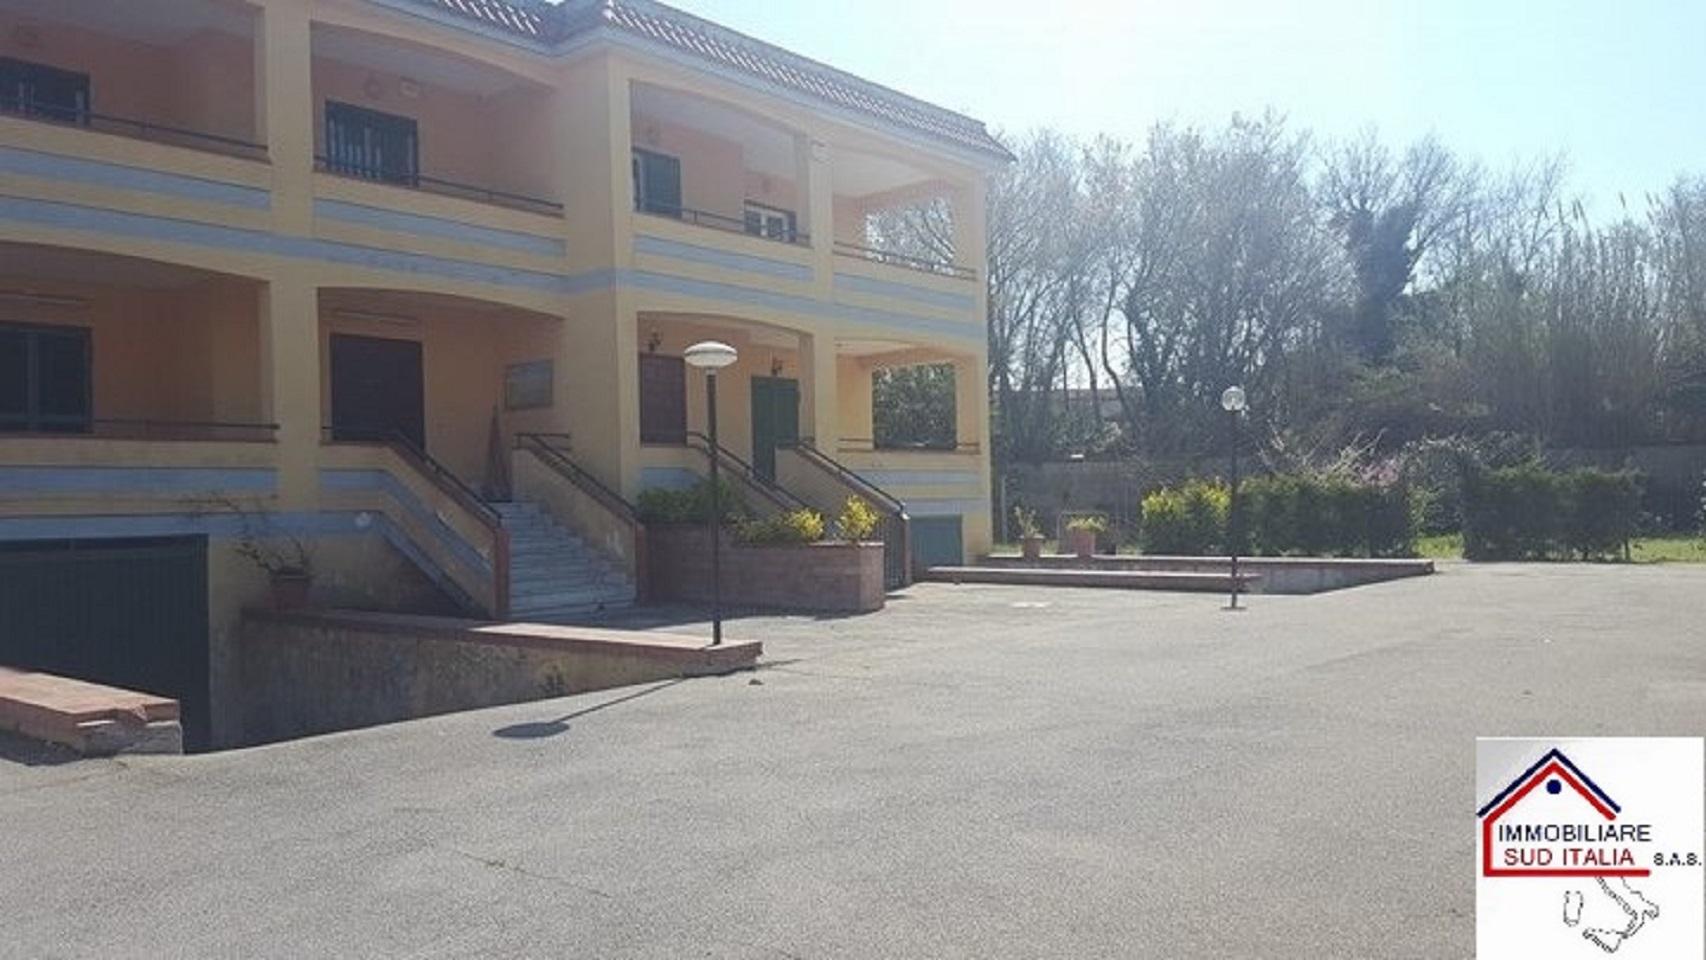 Villa in affitto a Giugliano in Campania, 4 locali, zona Zona: Varcaturo, prezzo € 600 | CambioCasa.it